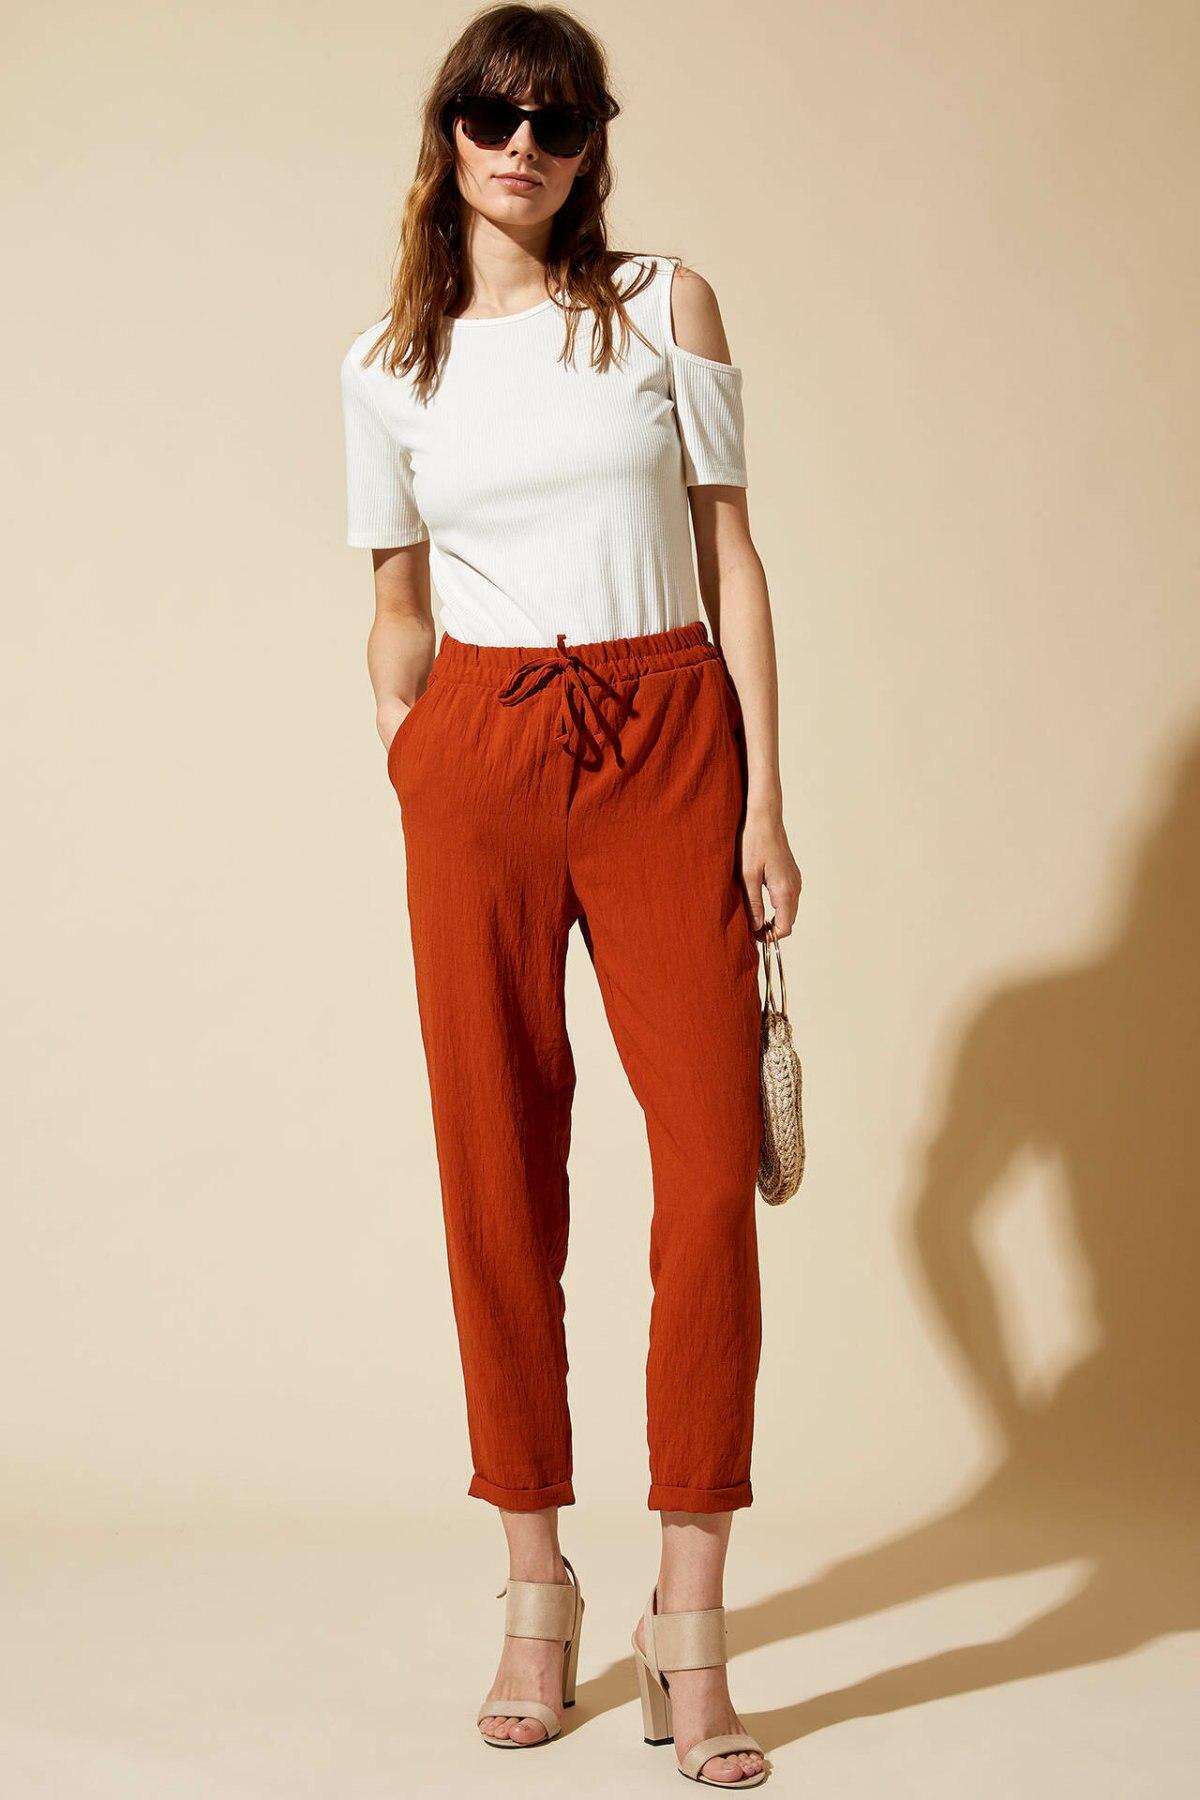 DeFacto Woman Adjustable Chiffon Pants Casual Solid Color Cargo Pants Women High-waist Bottoms Trousers-L8568AZ19SM